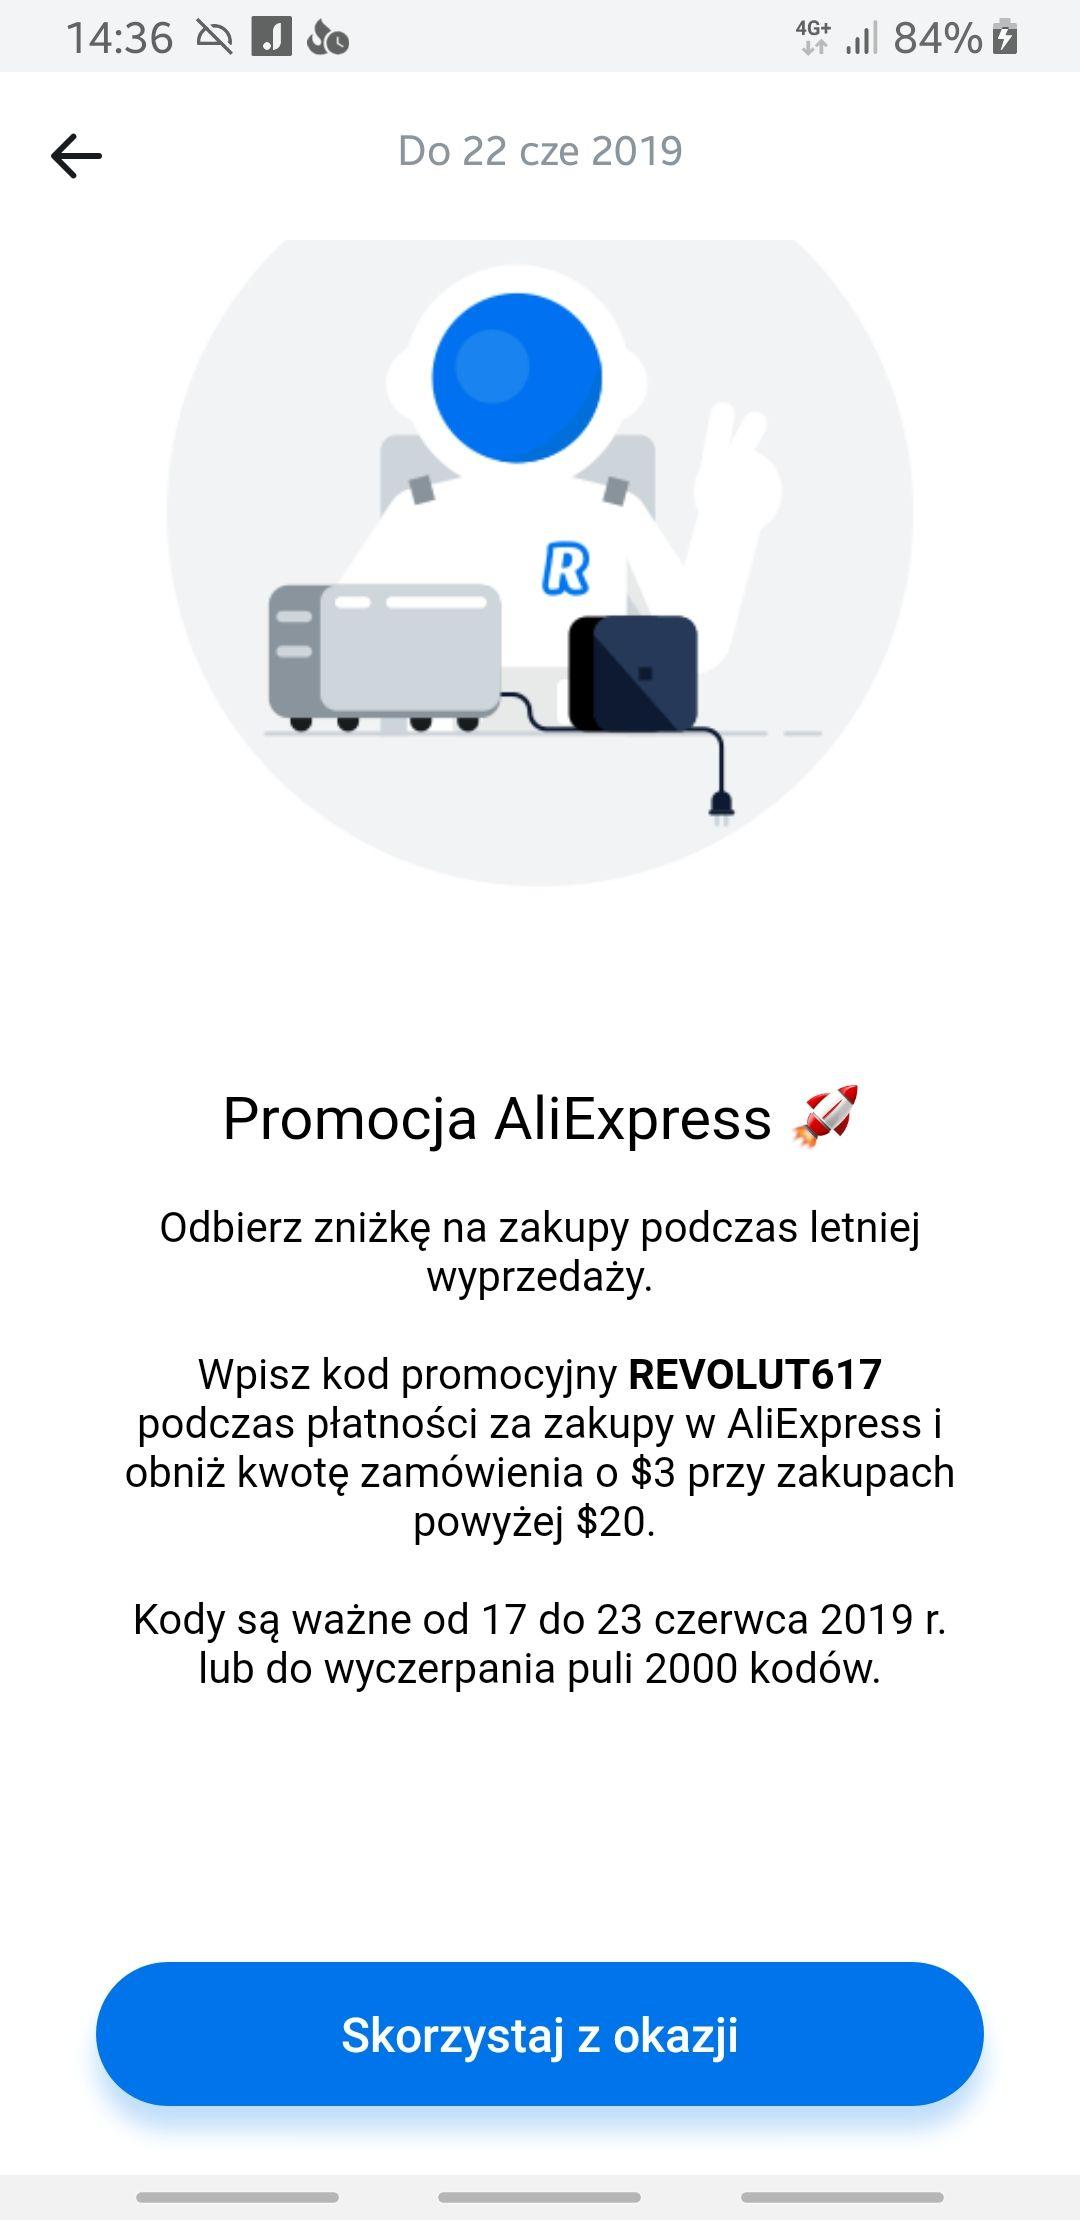 Aliexpress kupon $3. MWZ $20. Płatność Revolutem